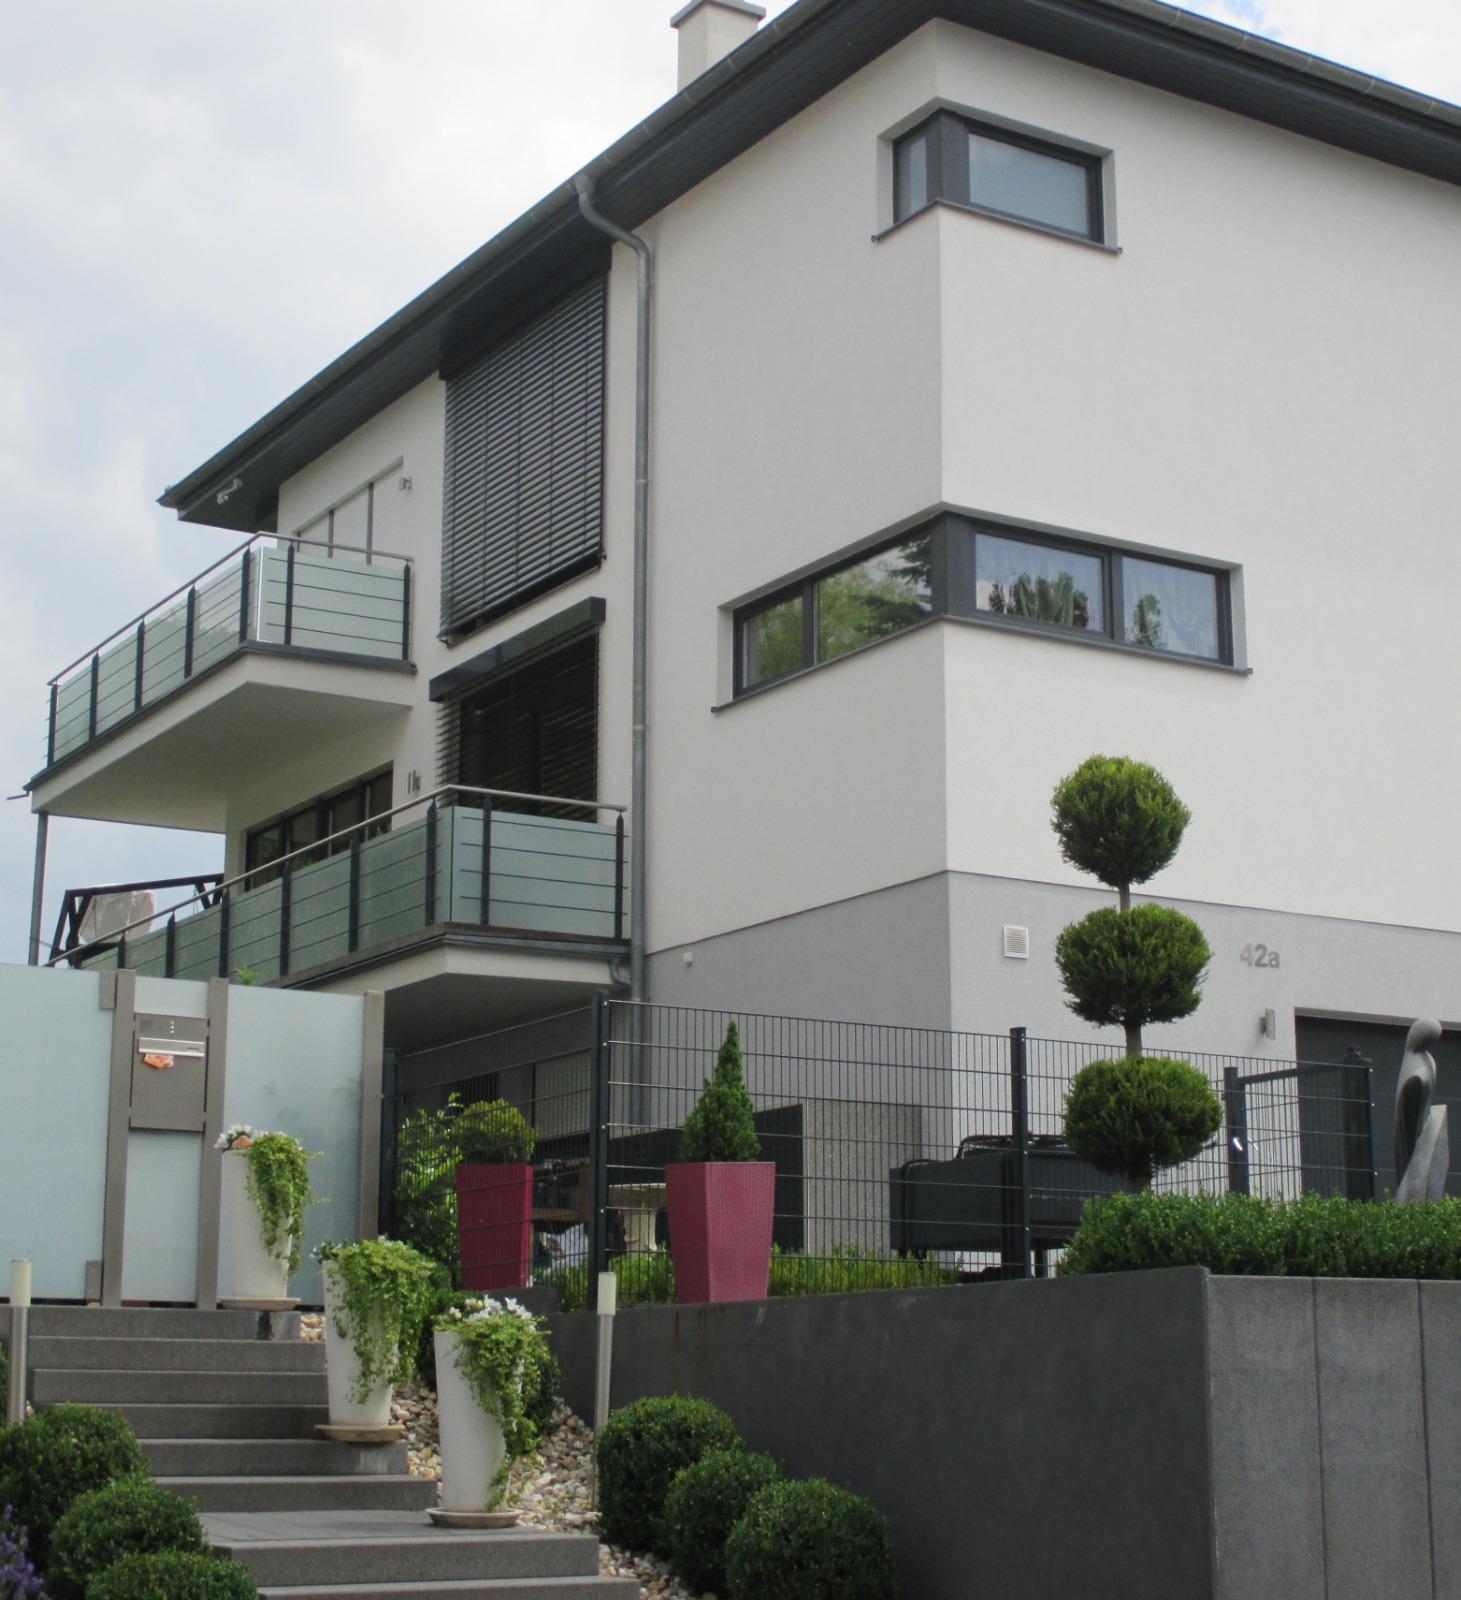 Hanse Haus - Michael Springer   Projekt 10